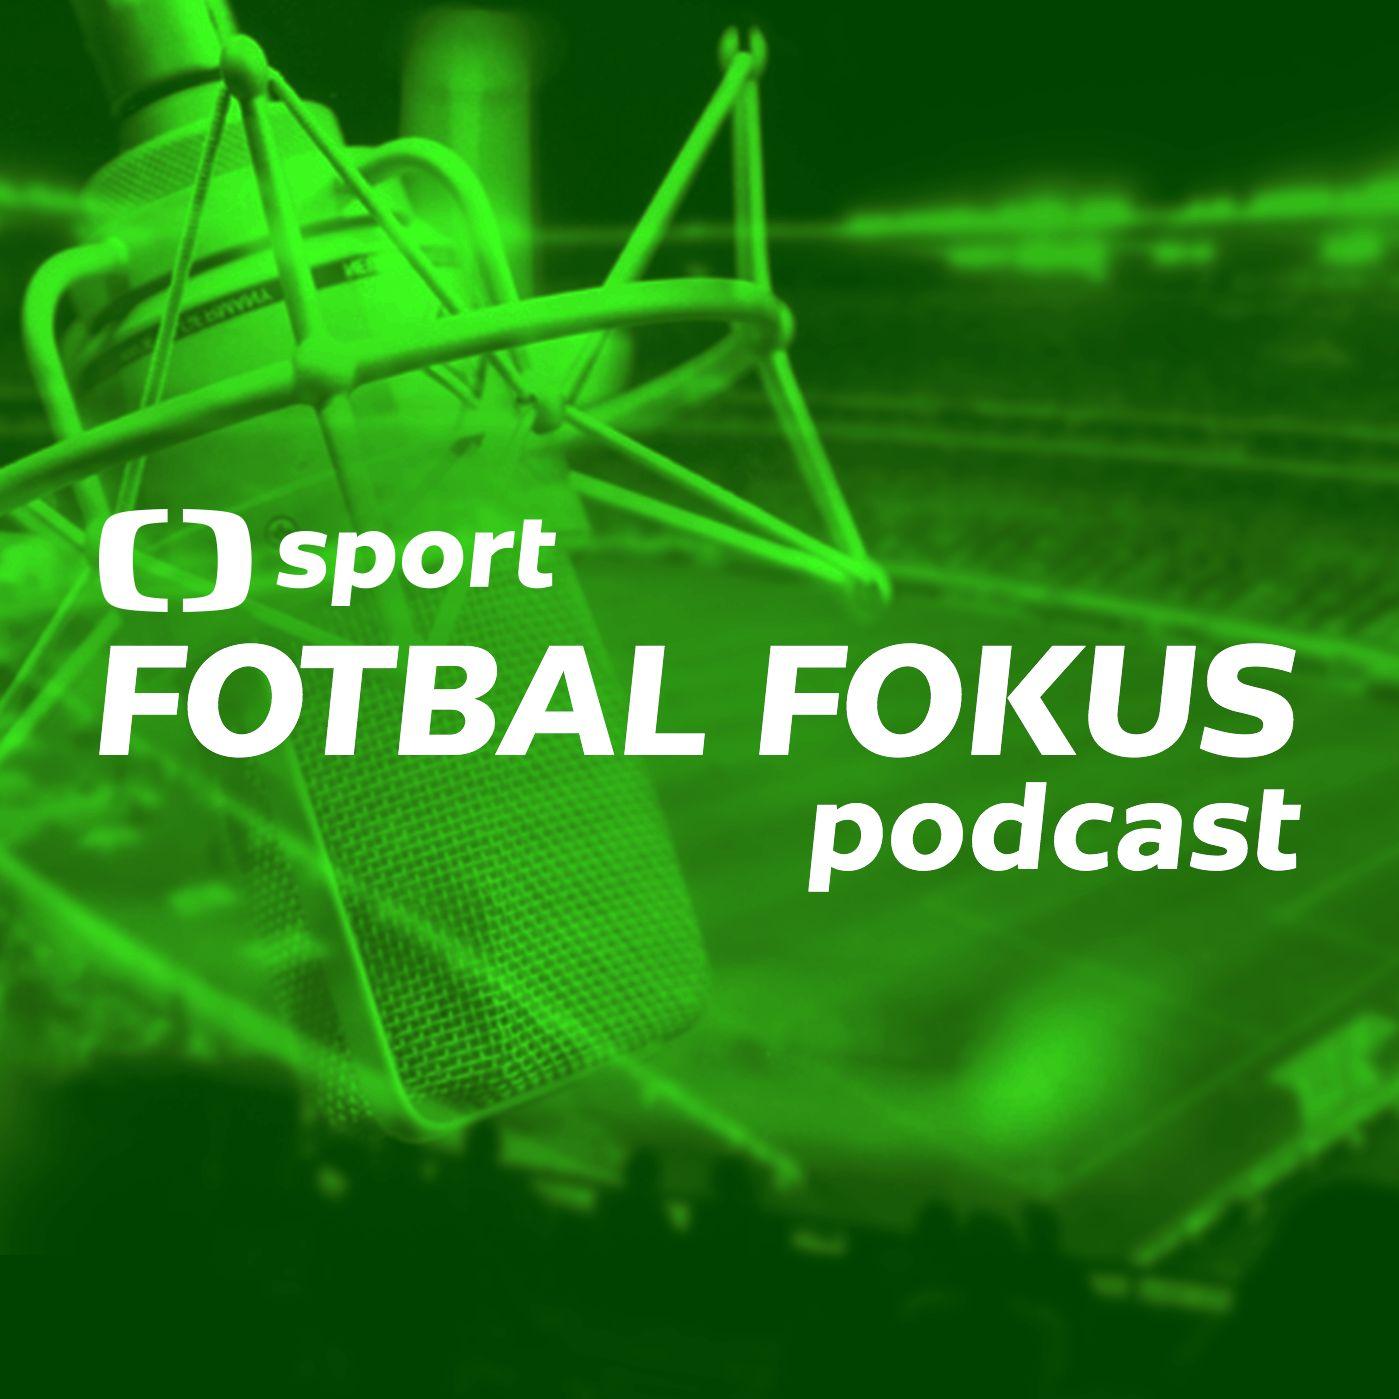 Fotbal fokus podcast: Co může zastavit Plzeň v cestě za titulem?